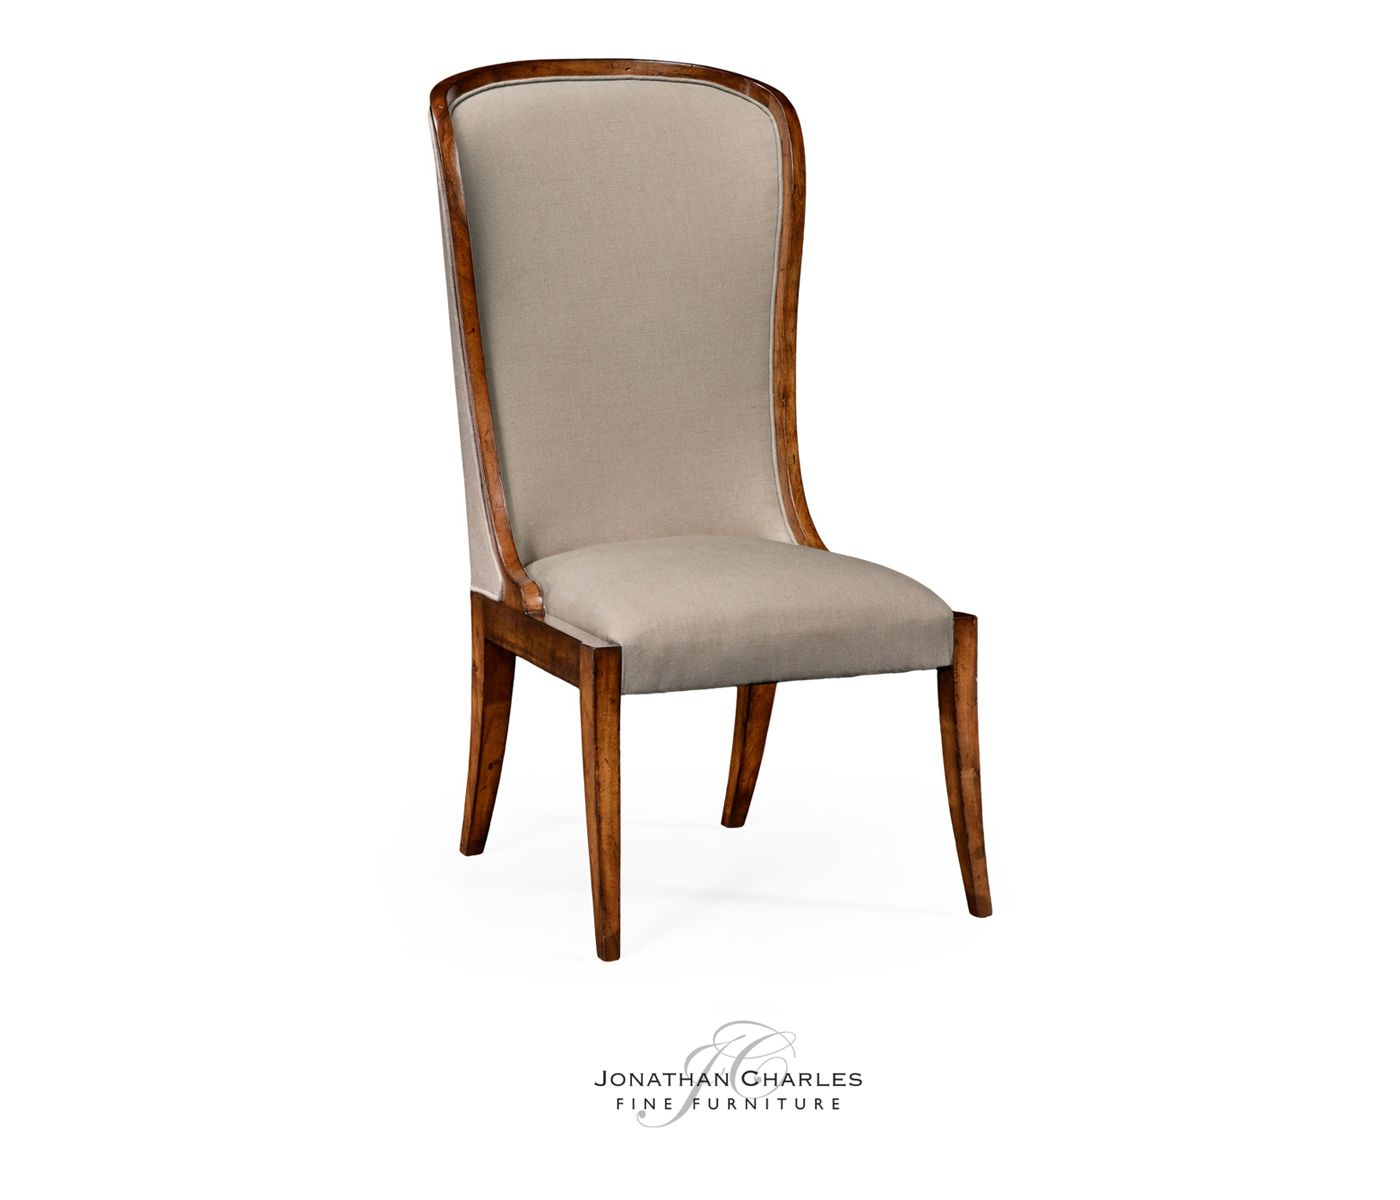 High curved back upholstered dining side chair #hpmkt #jcfurniture #jonathancharles #Furniture #InteriorDesign #Windsor